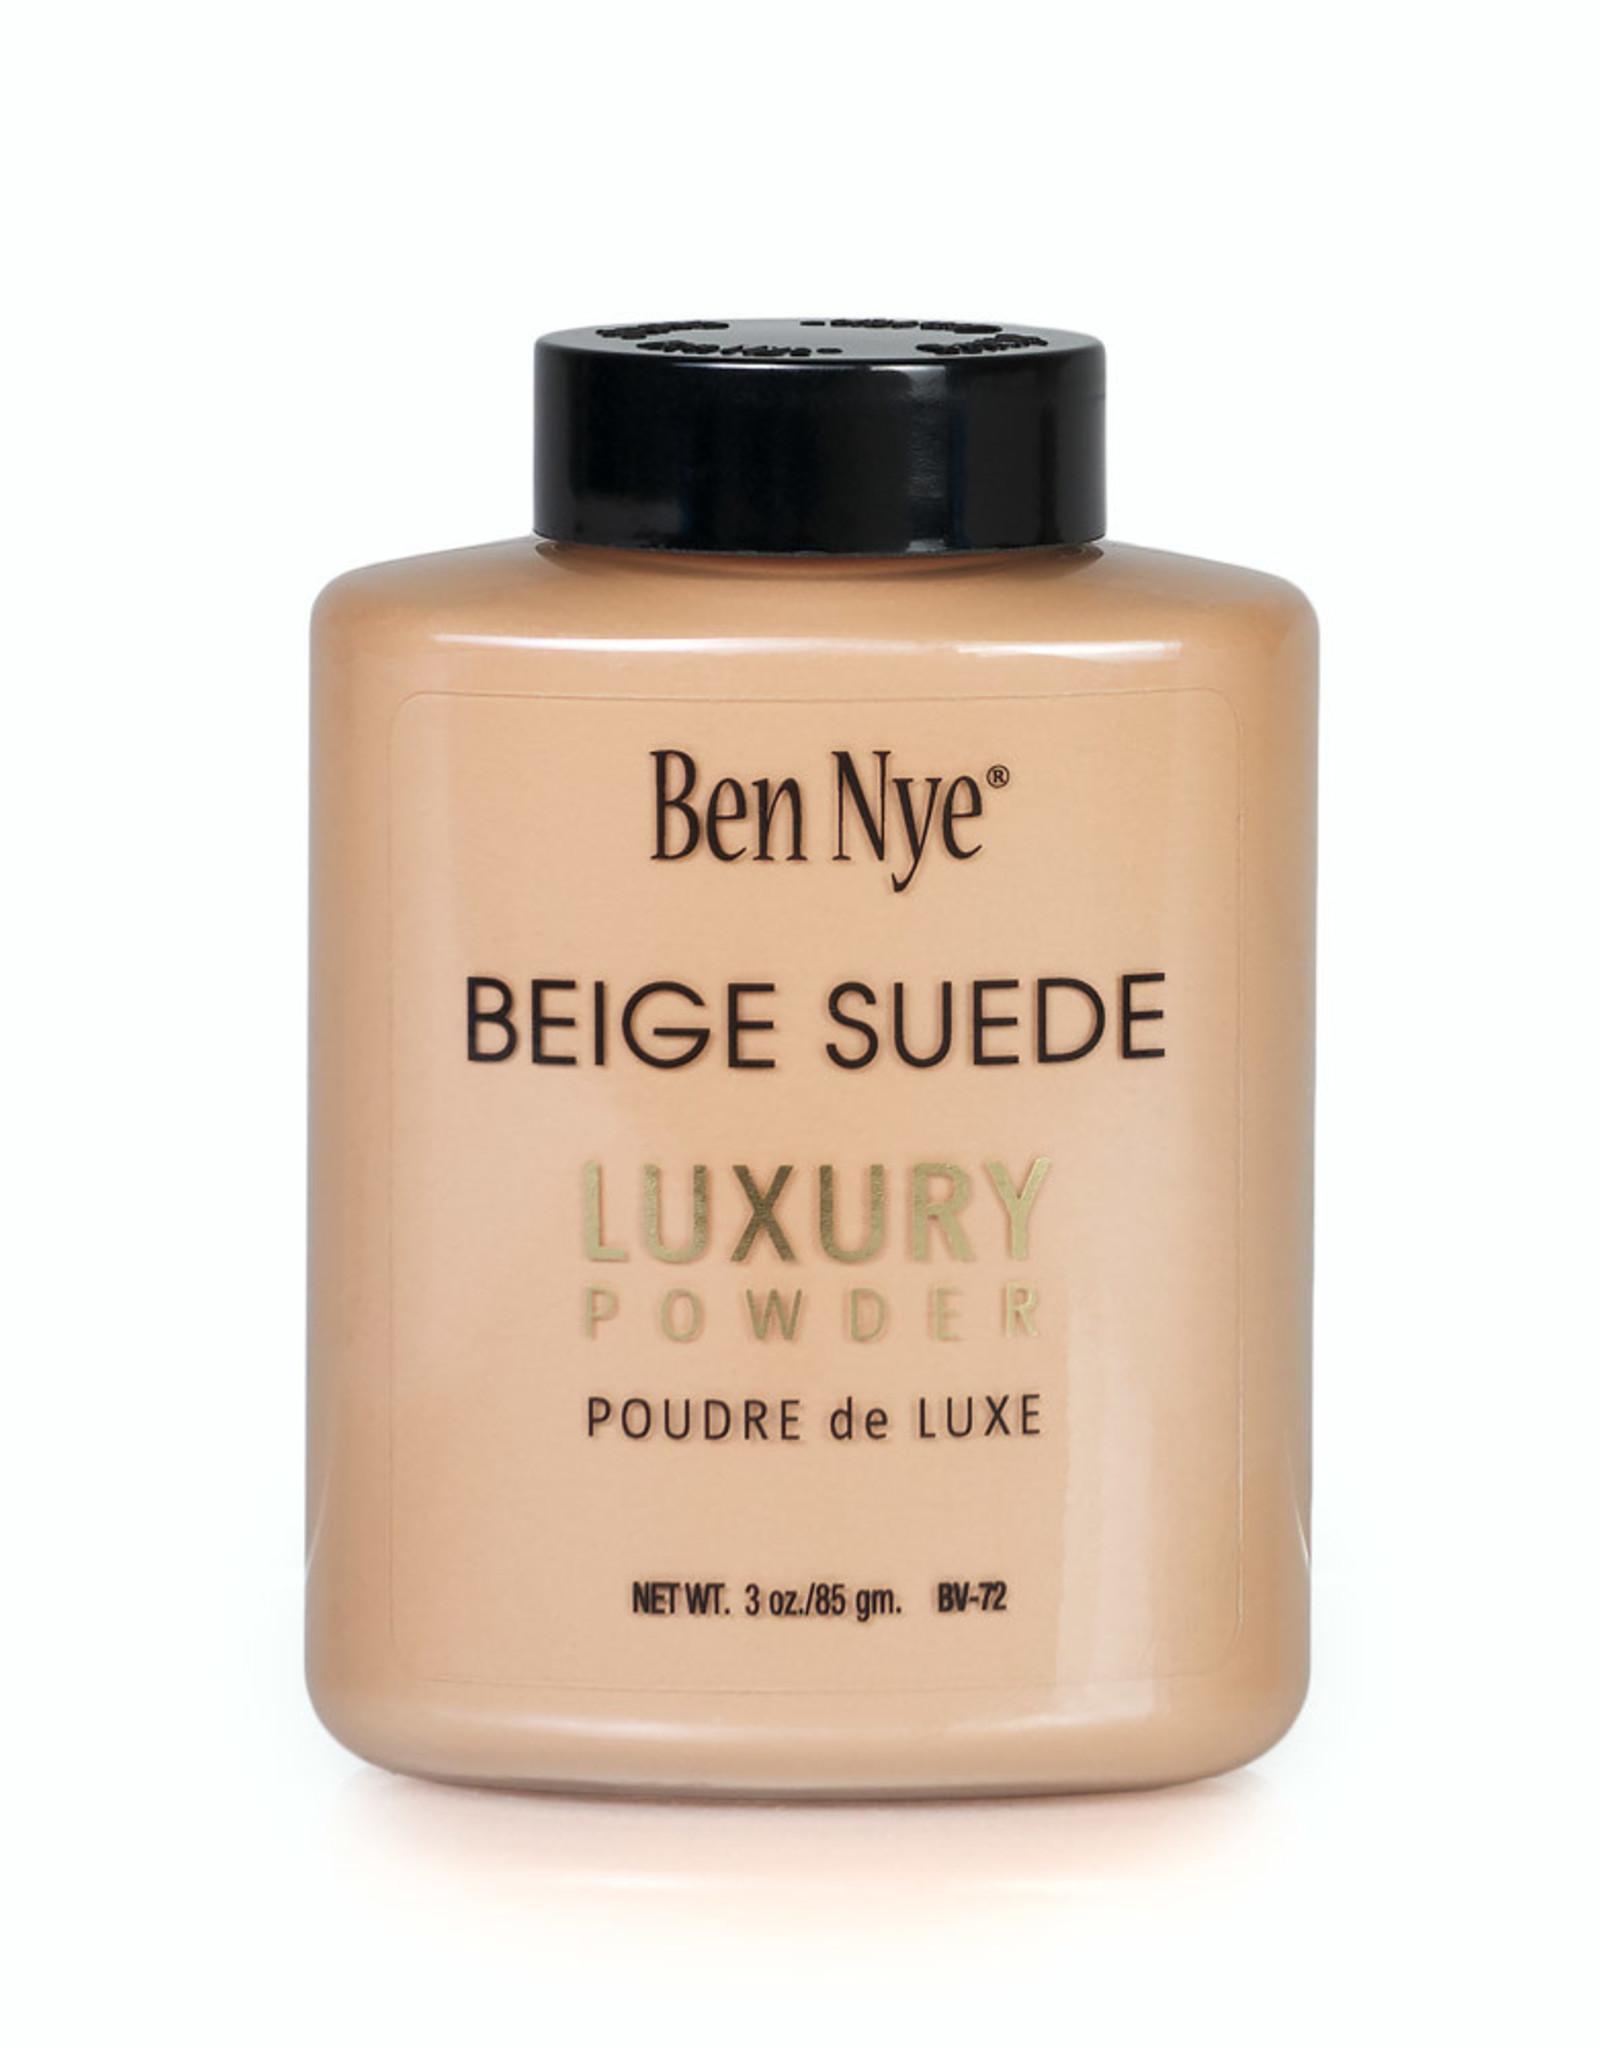 Ben Nye LUXURY POWDER, BEIGE SUEDE, SHAKER 3 OZ